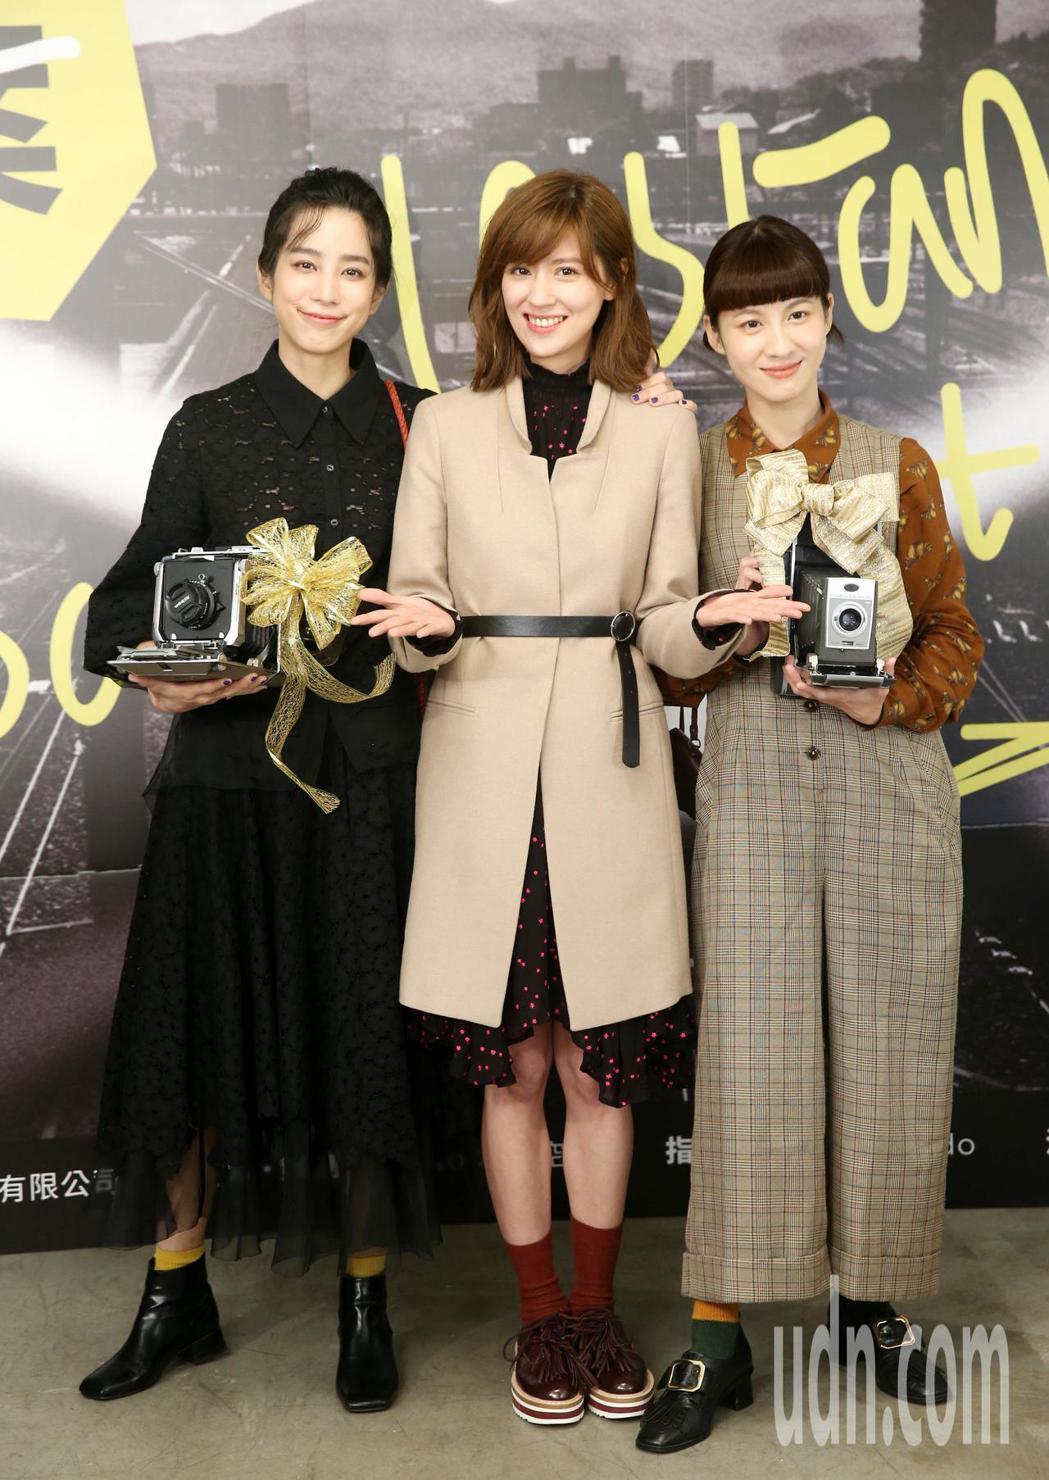 林予晞攝影個展「時區檔案」今天舉行開幕記者會,好友連俞涵(右)、溫貞菱(左)現身...